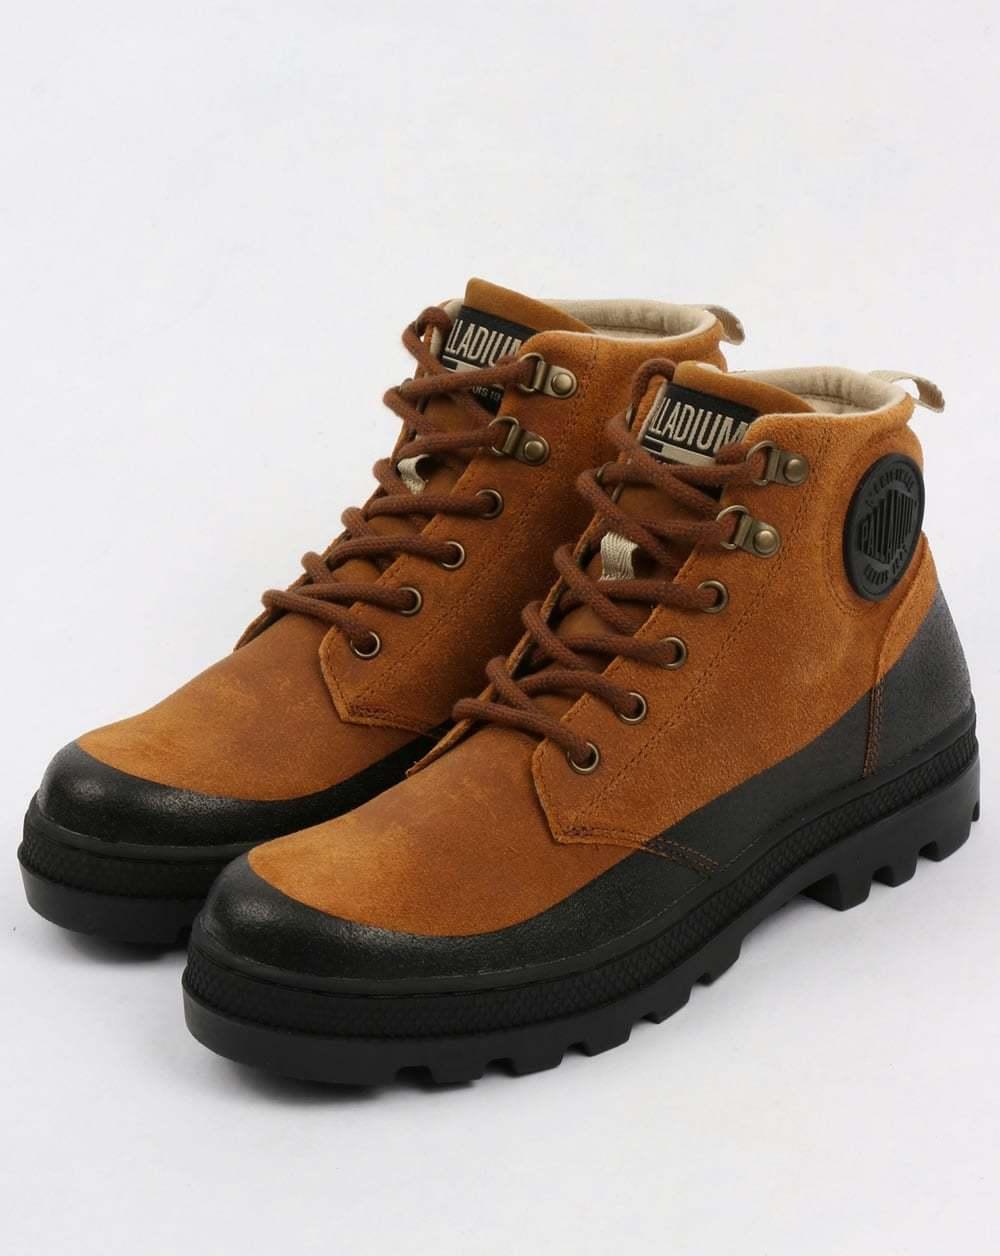 Zapatos de mujer baratos zapatos de mujer Palladium Pallabosse Bota para Excursionista en el amanecer y Negro de goma Engrasado Gamuza &